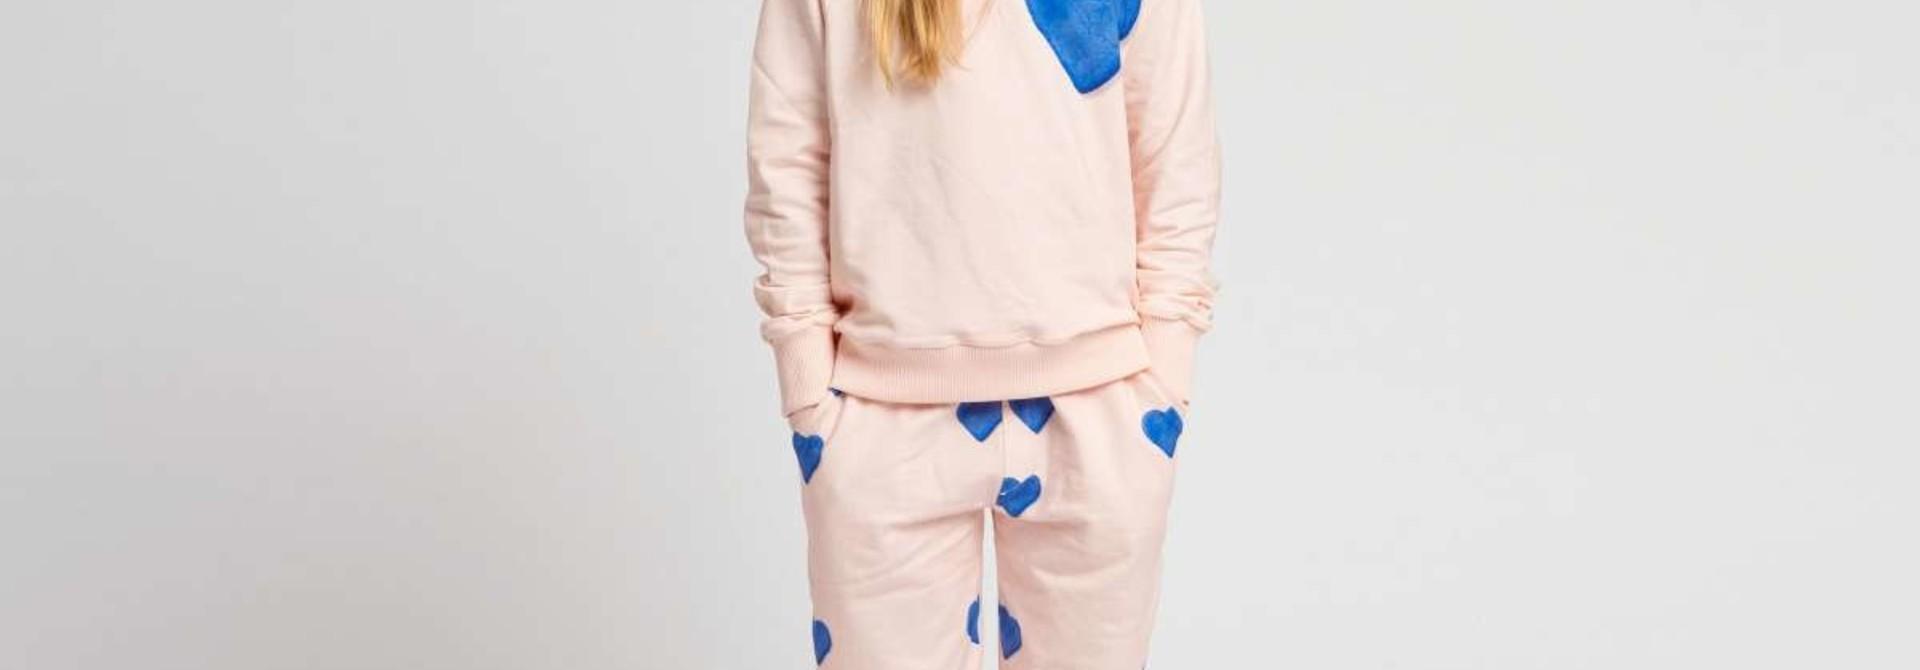 Sweatsuit - Heart -2 pc. - Sz 7/8